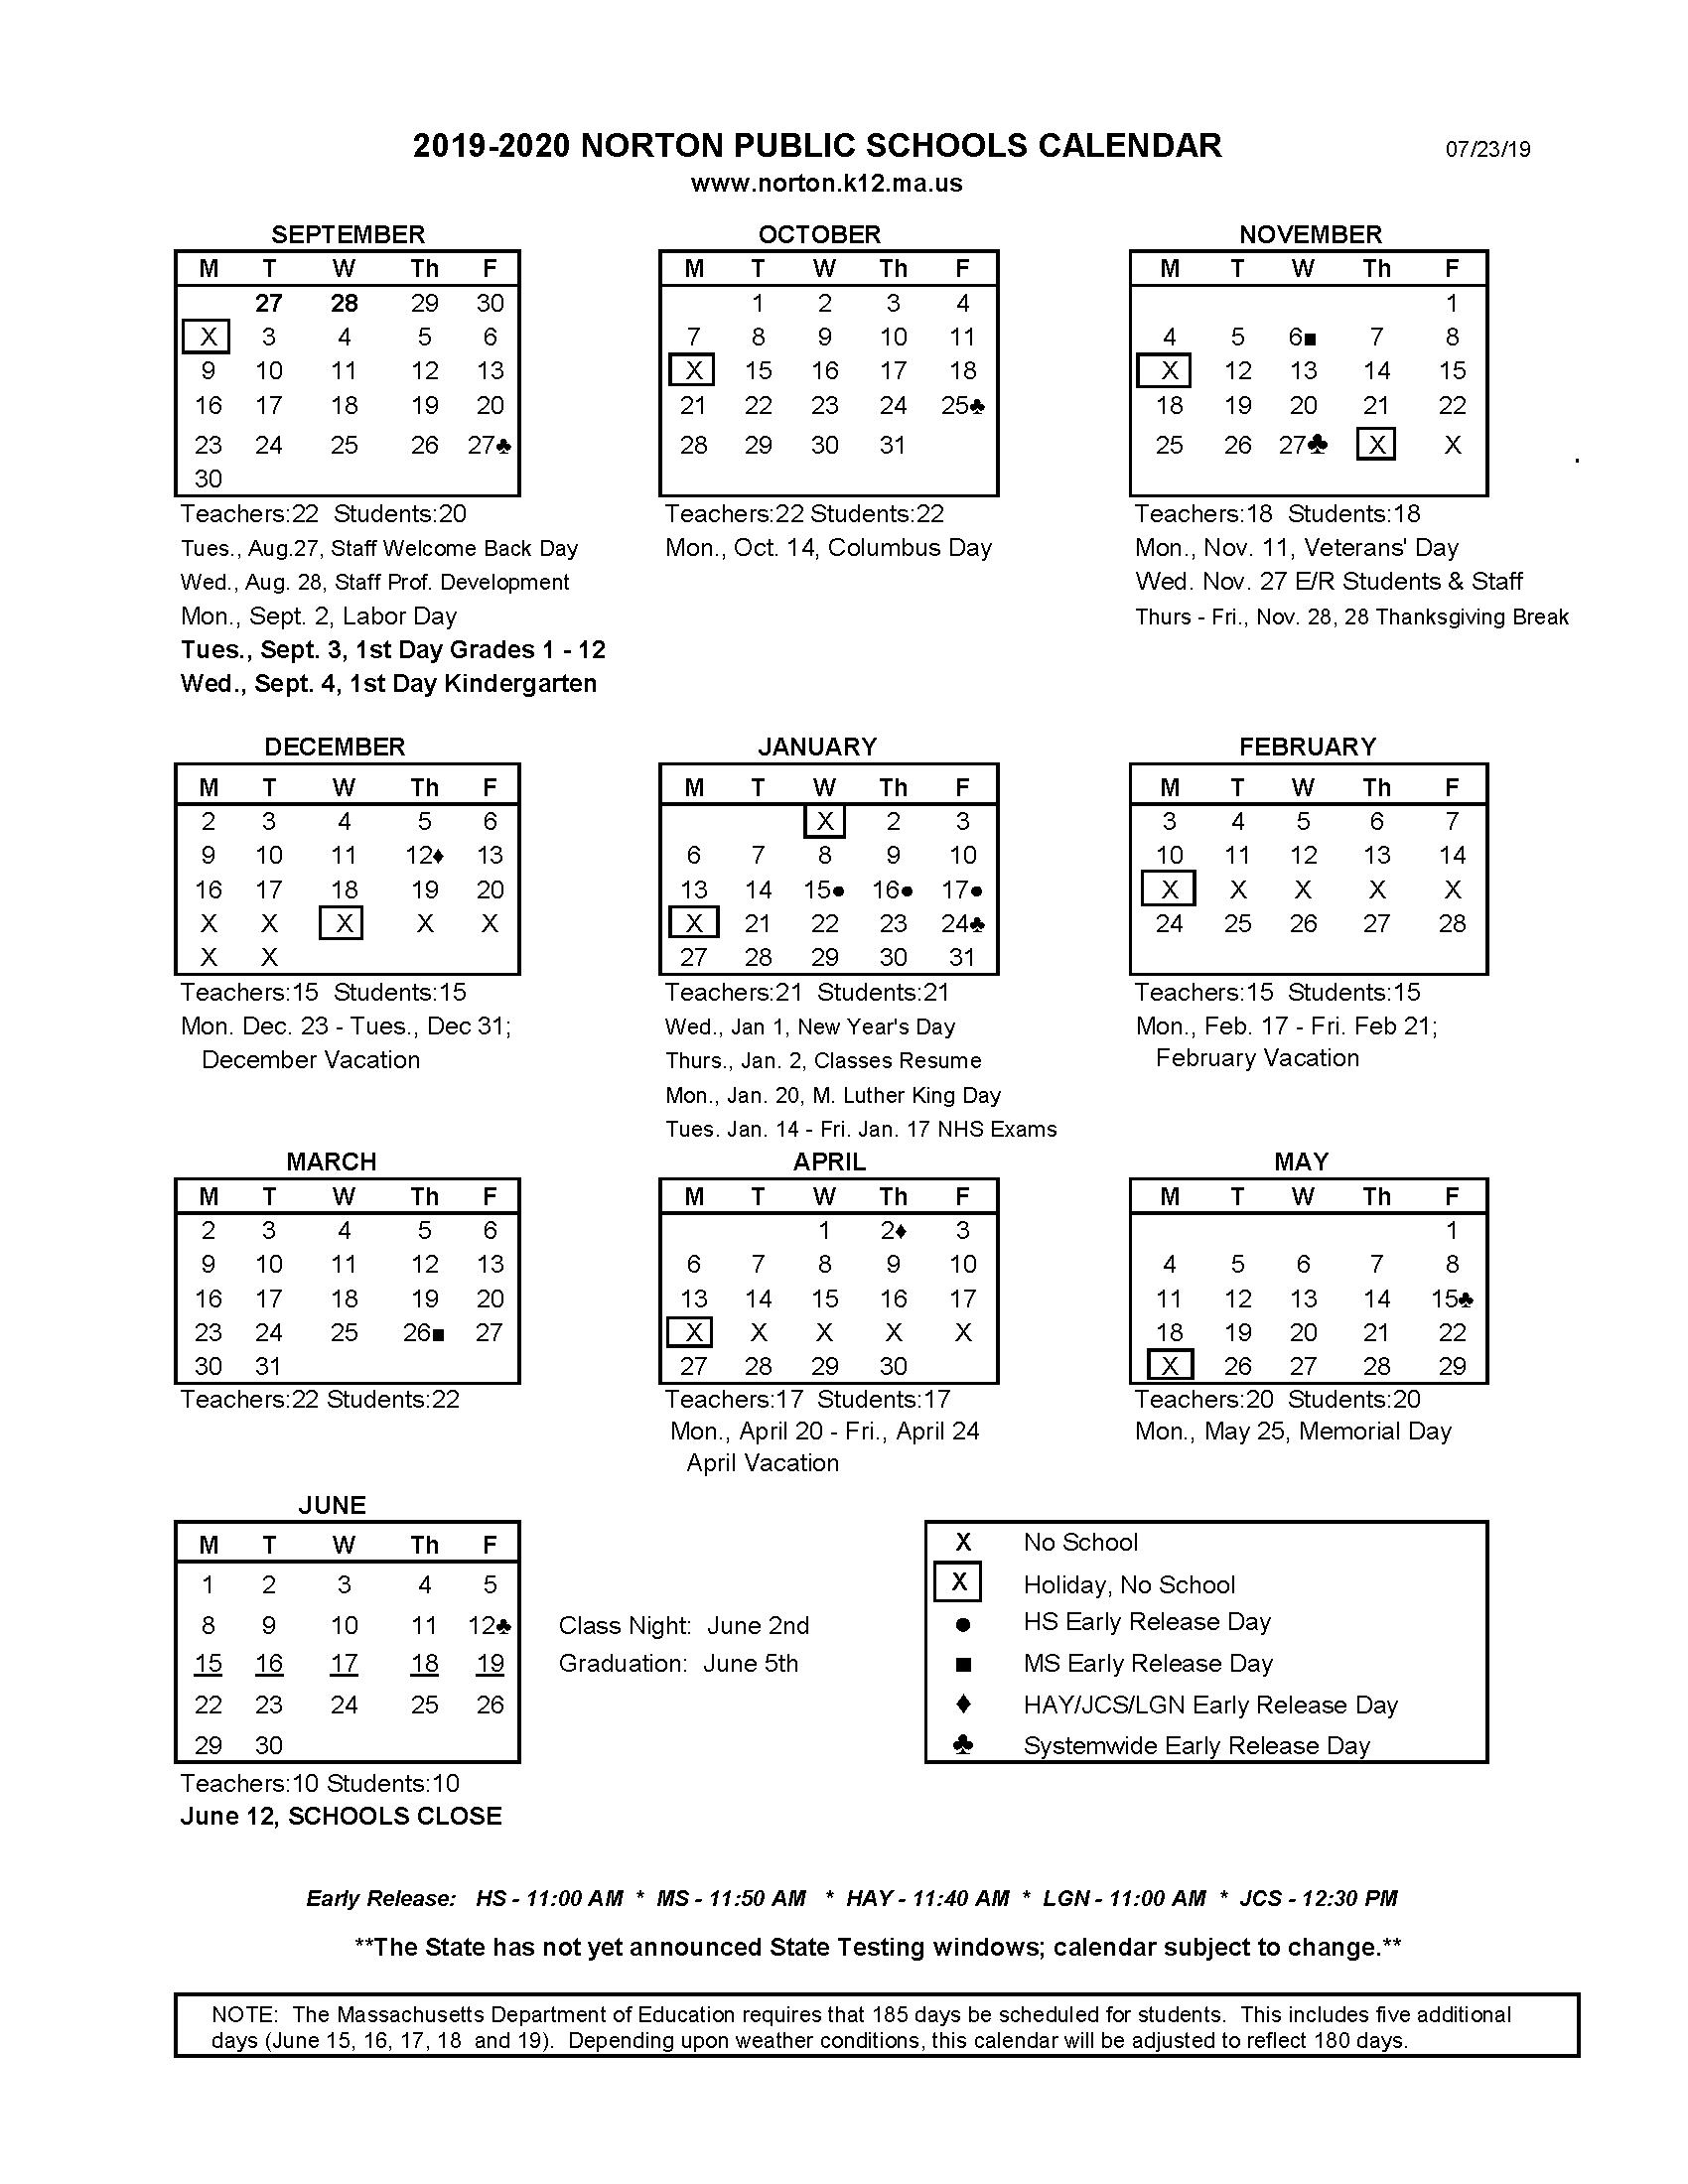 Printable School Calendar - Norton School District